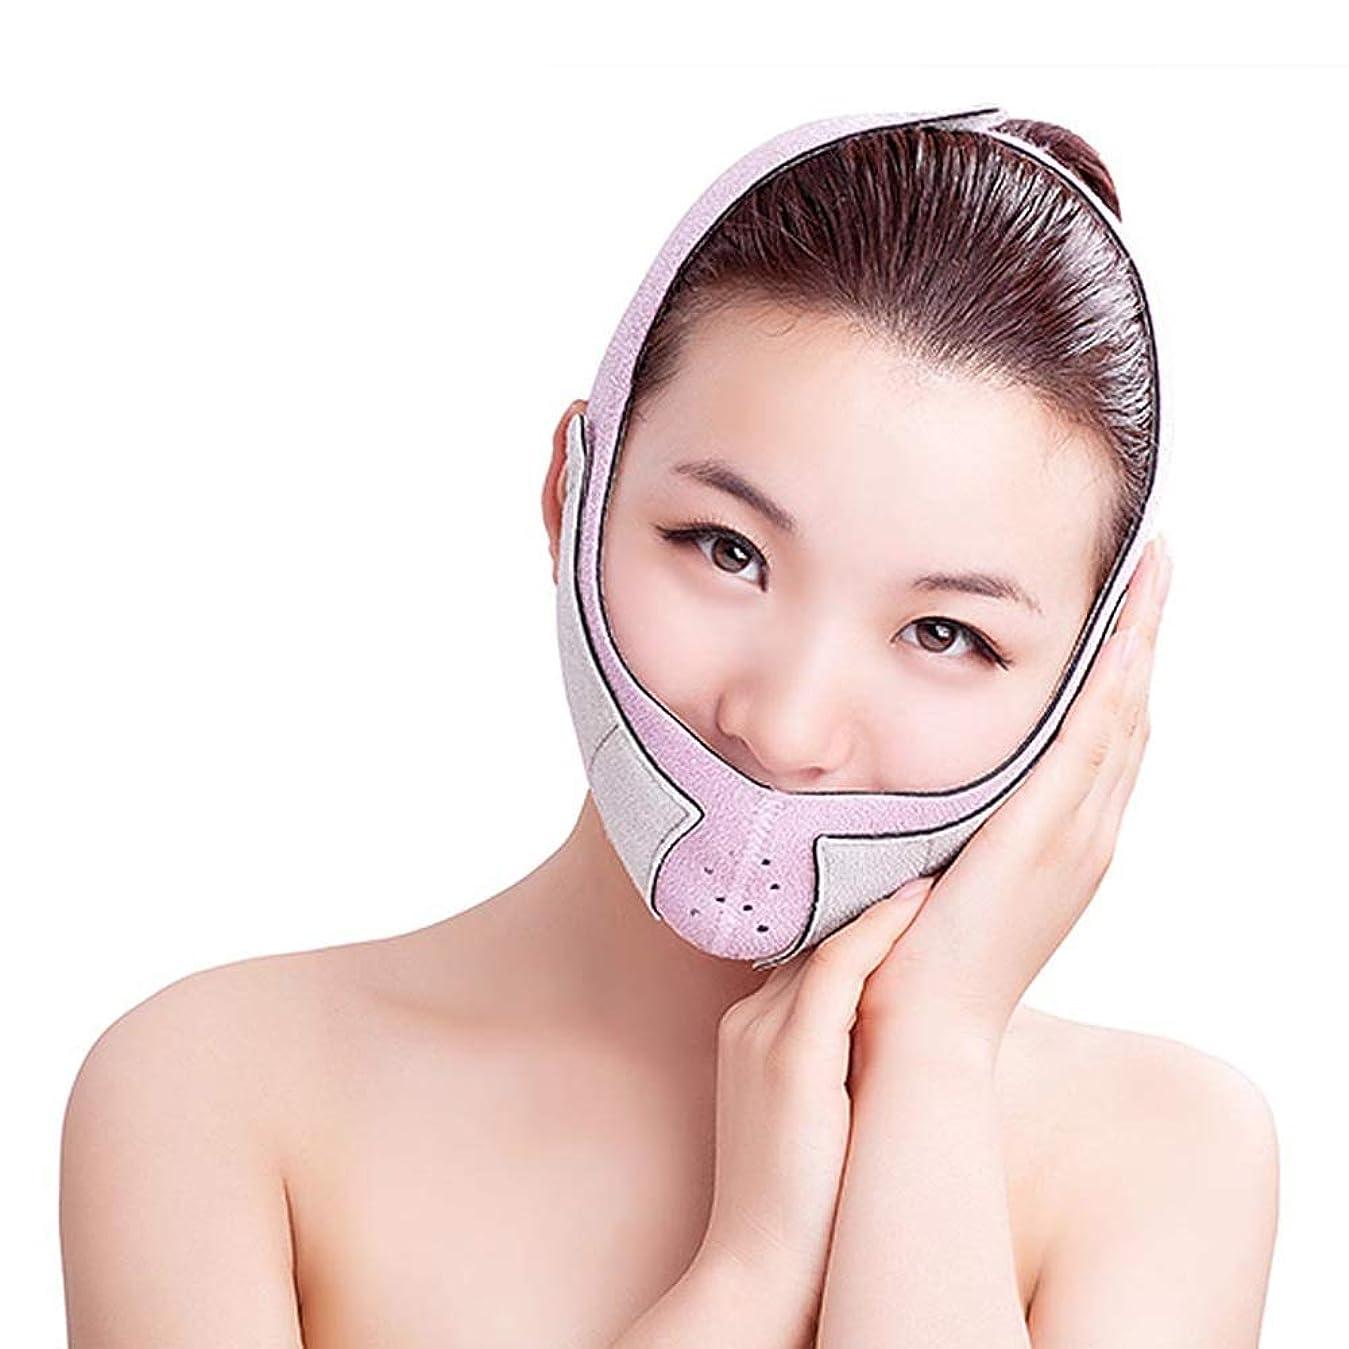 動かない過度の襲撃Minmin フェイシャルリフティングスリミングベルト - 薄いフェイスバンデージフェイスマスクベルトフリーフェイシャルマッサージシェイピングマスクは顔と首を締めます みんみんVラインフェイスマスク (Color : Pink)